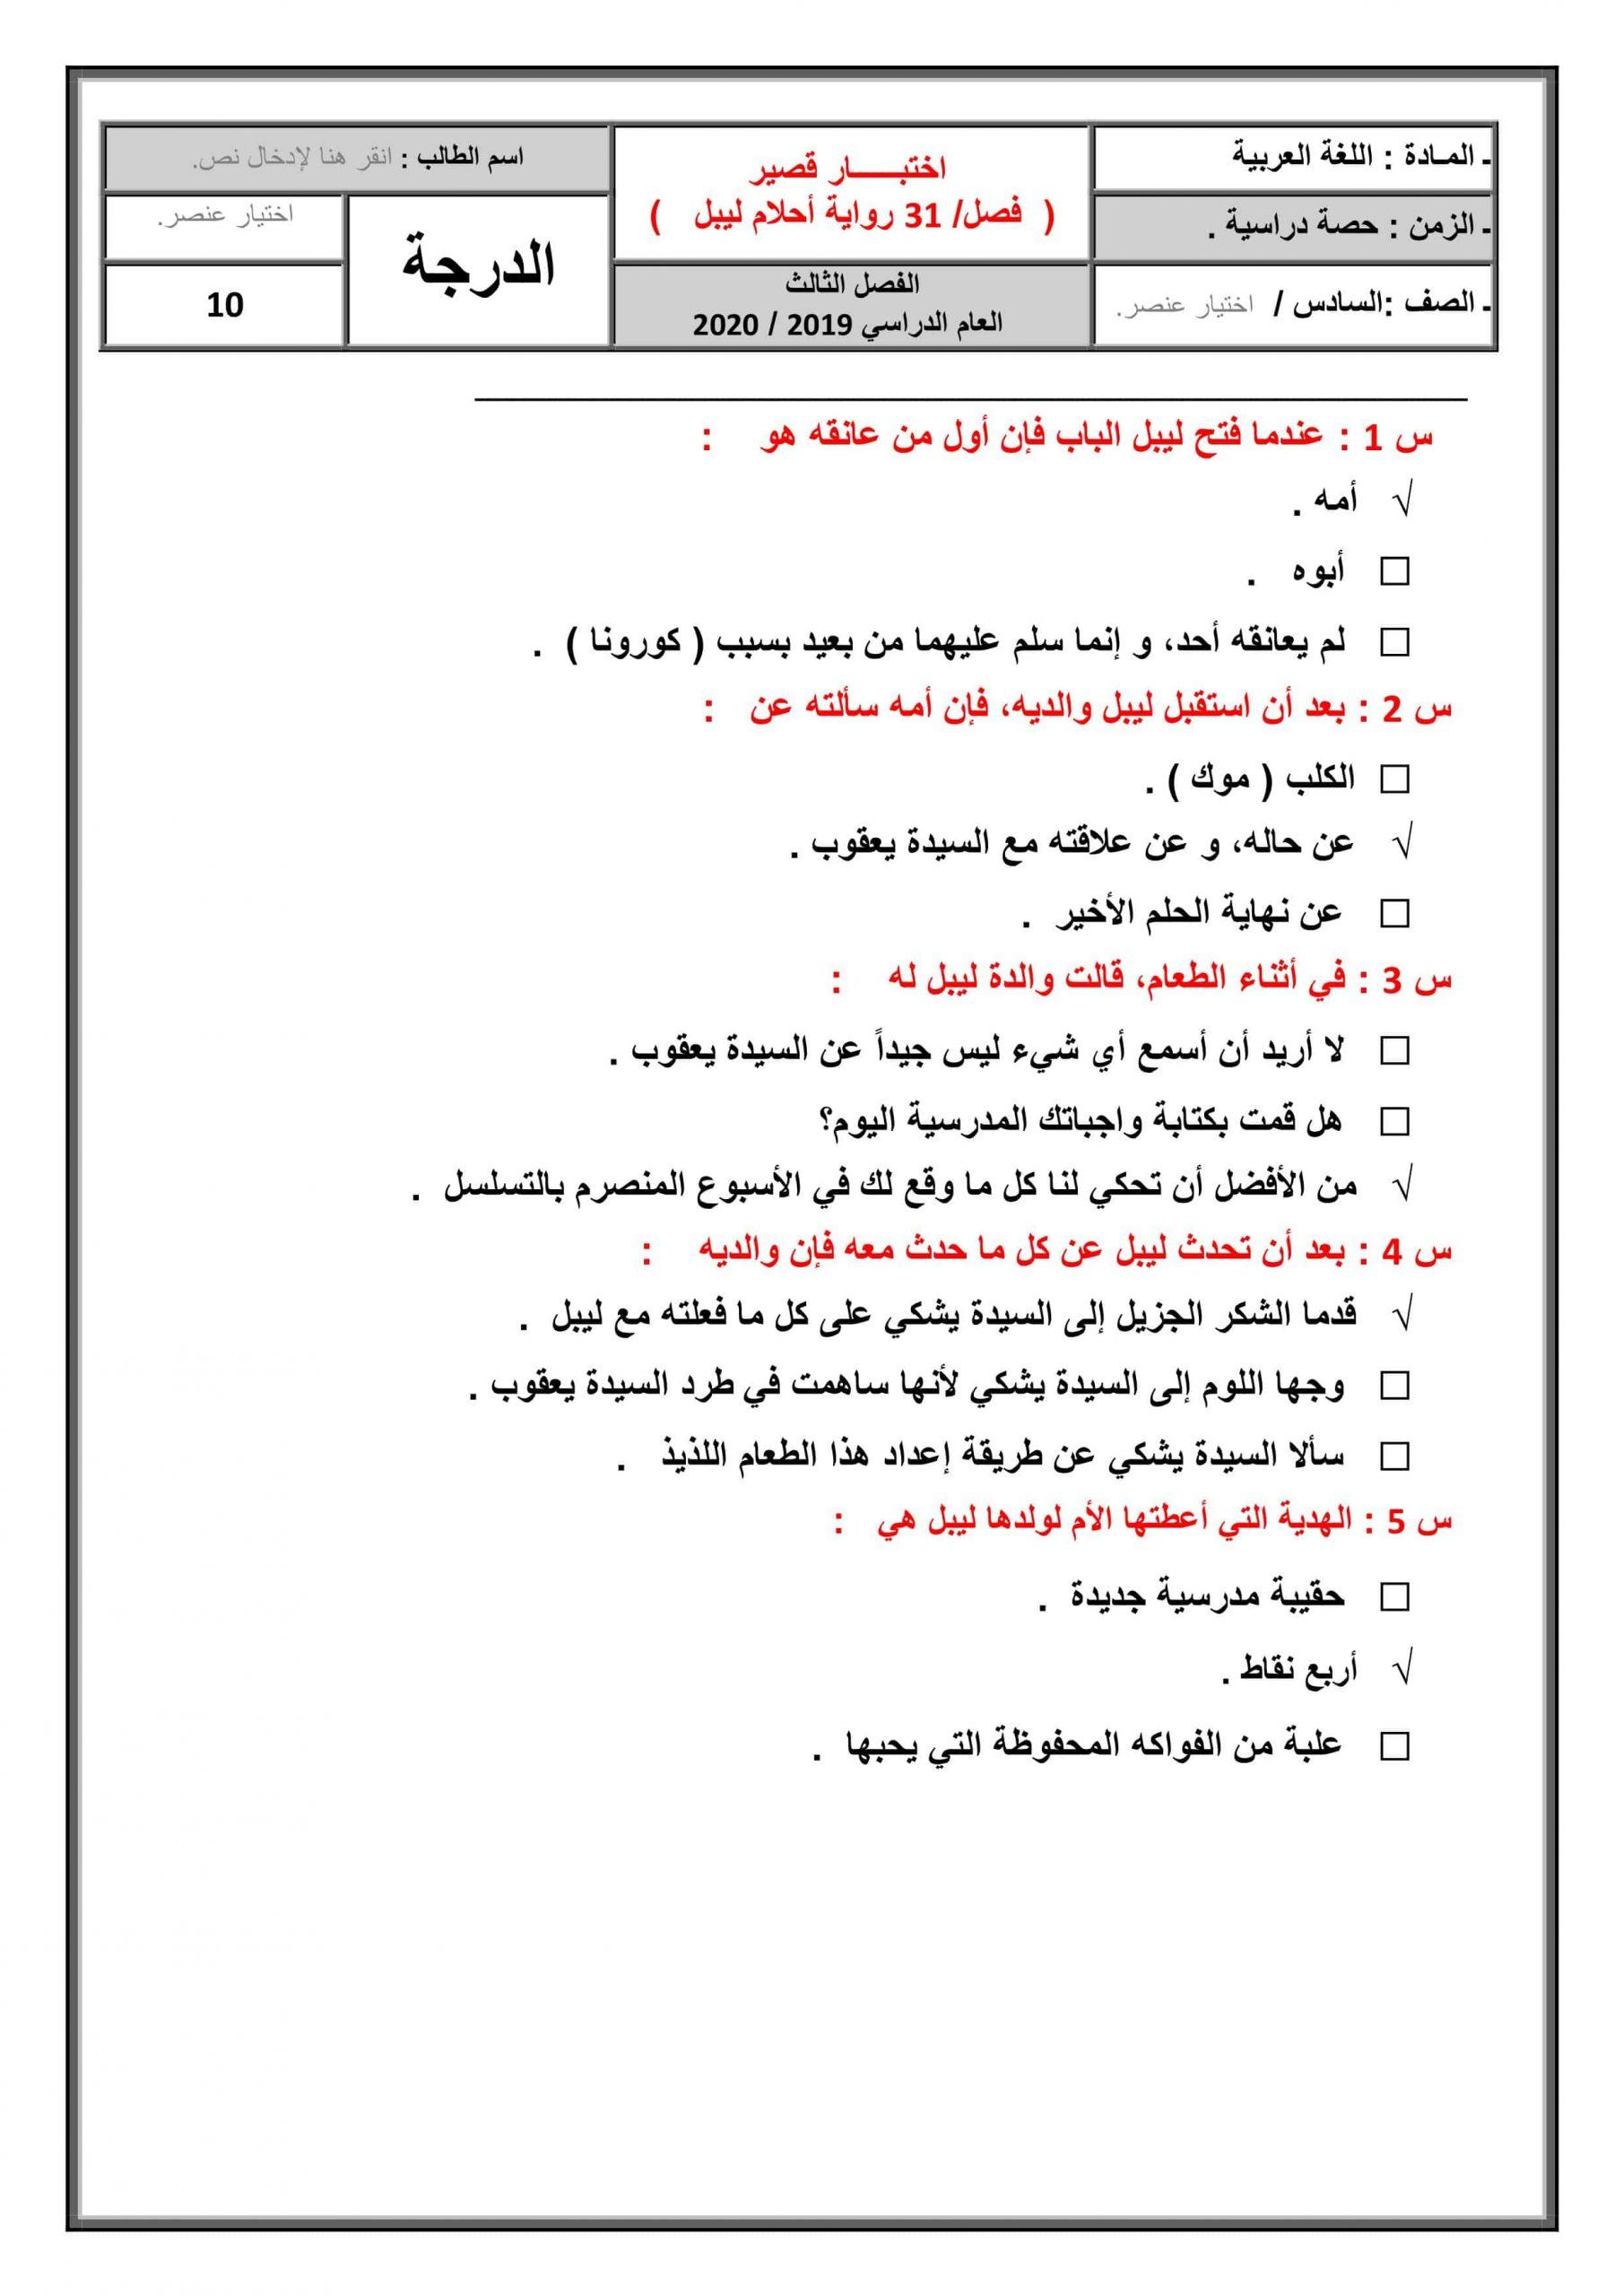 حل اختبار قصير لرواية أحلام ليبل السعيدة الفصل الحادي والثلاثون الصف السادس مادة اللغة العربية